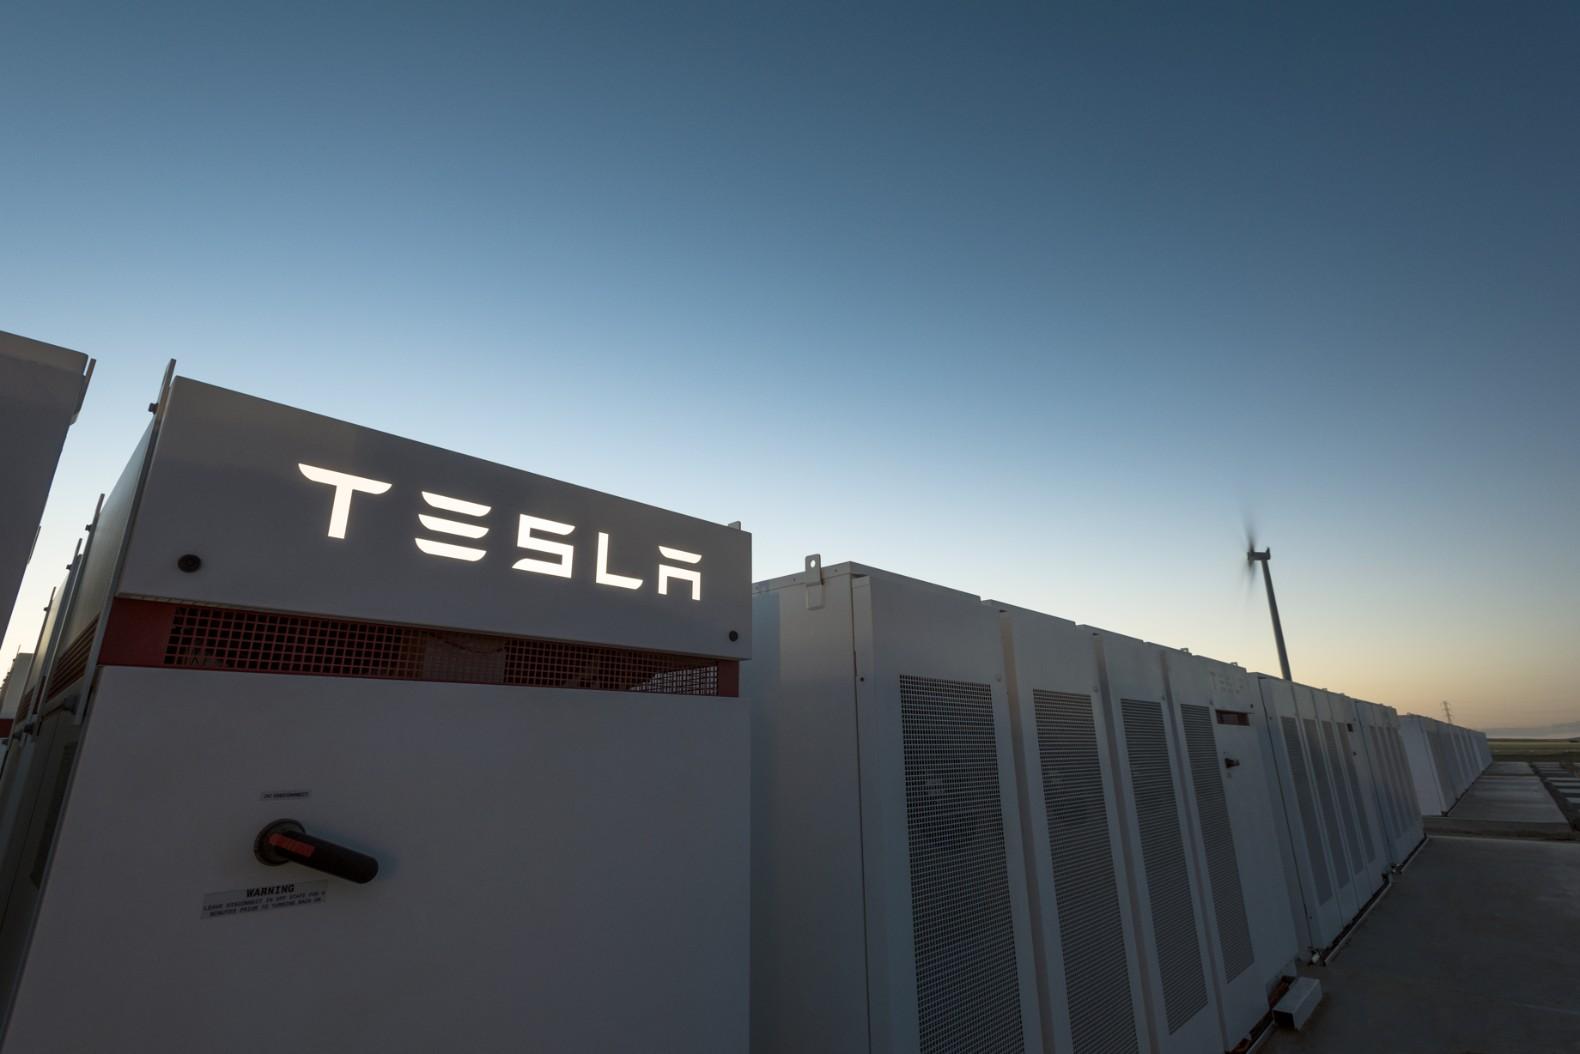 Tesla-Powerpack